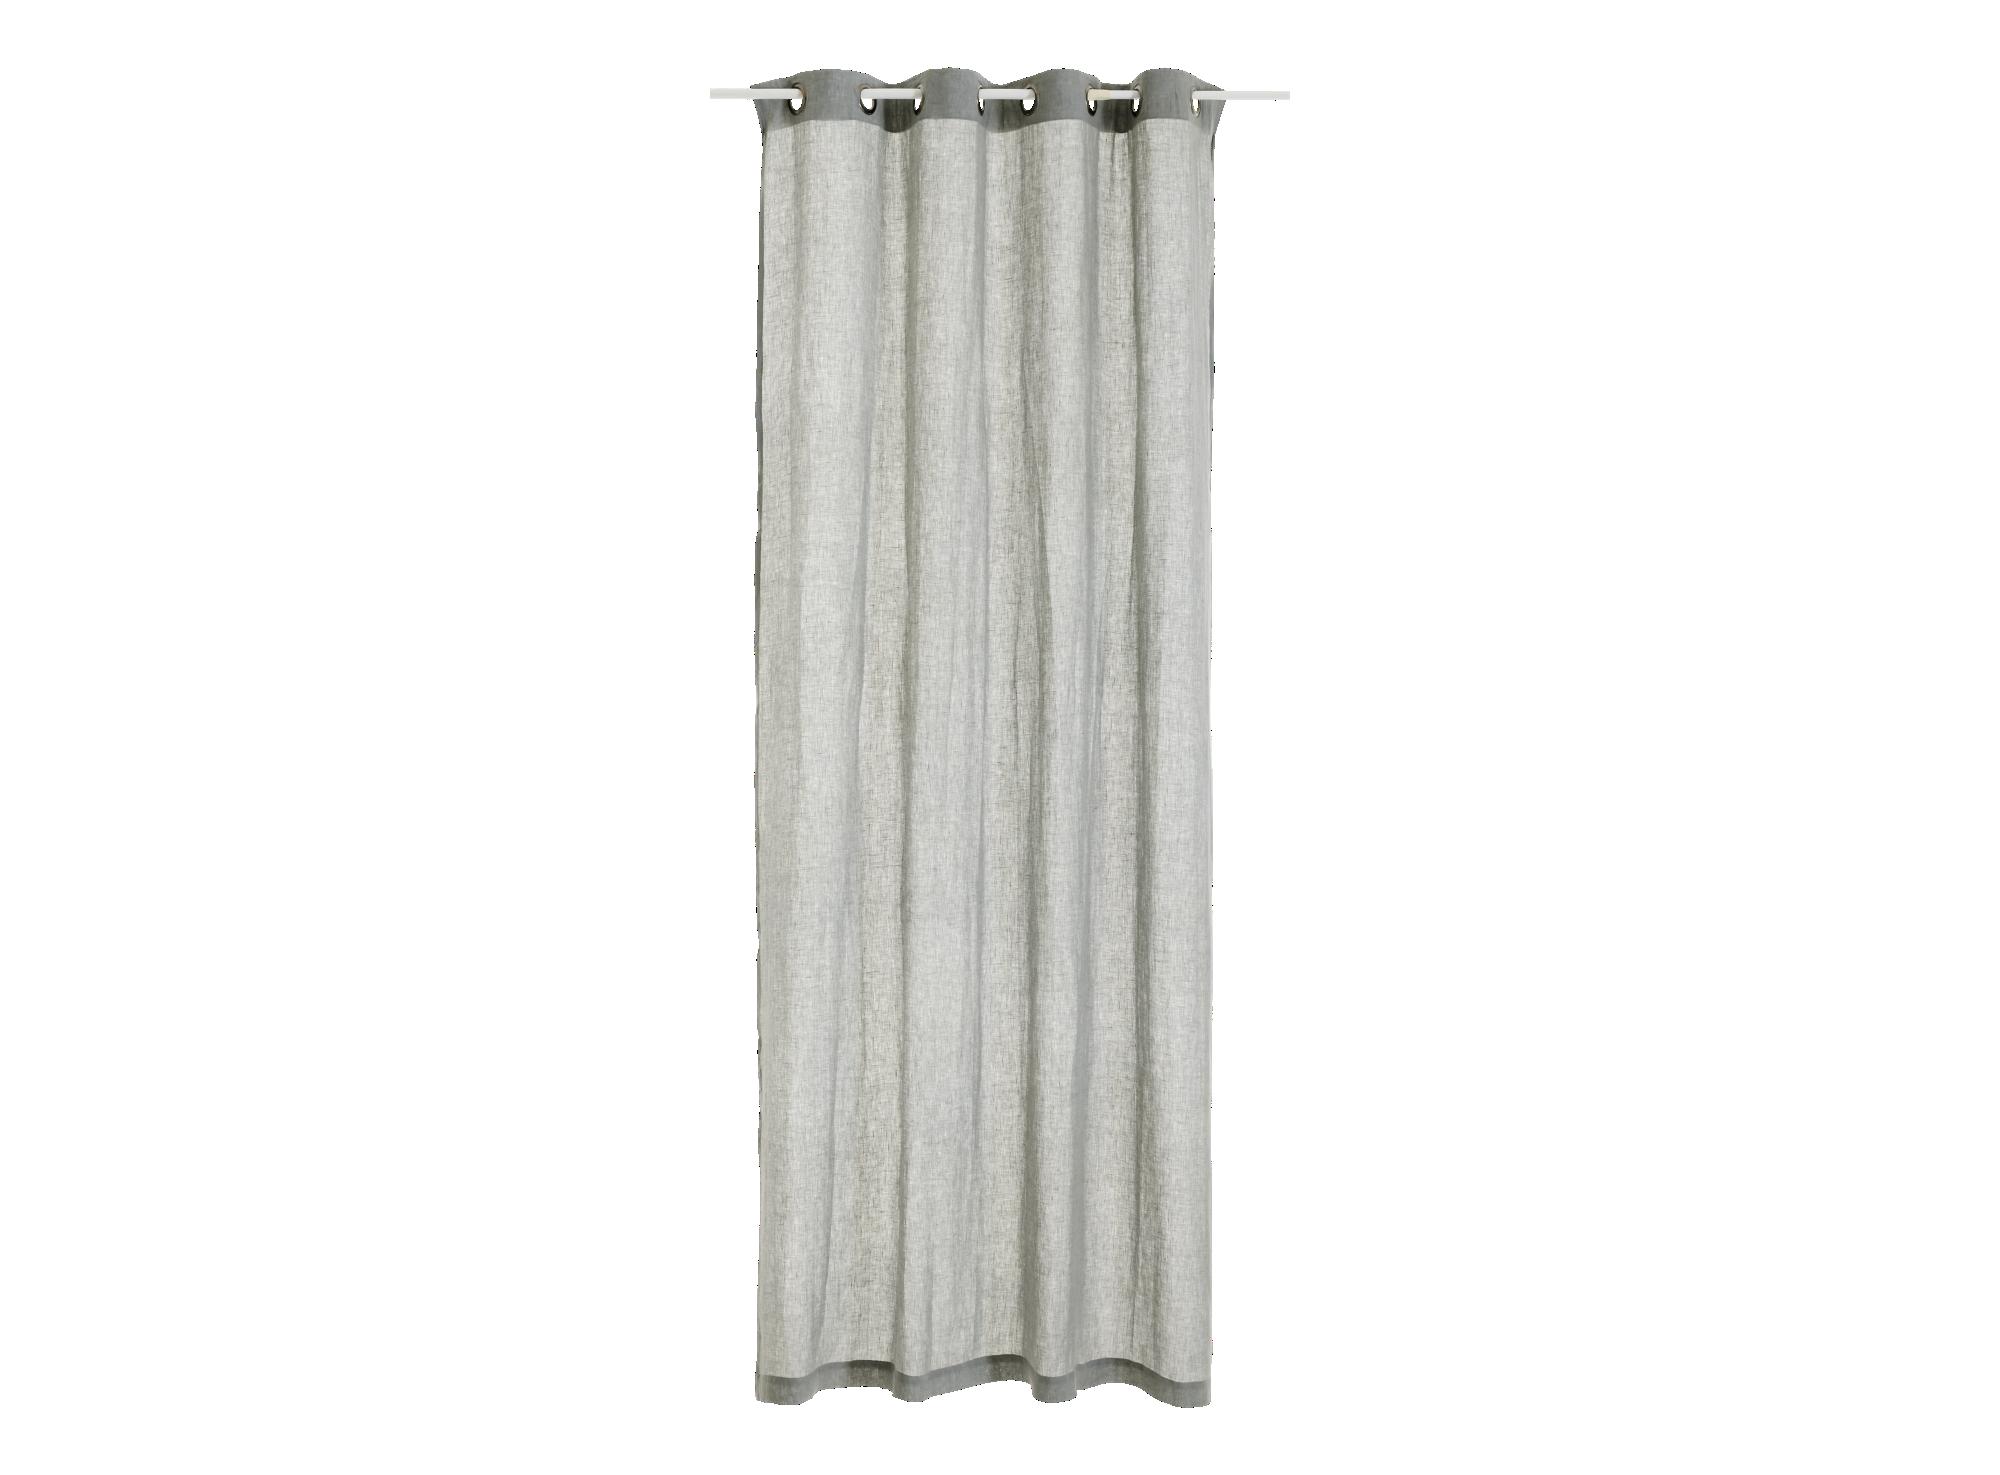 Rideau 140x250cm 100% lin coloris gris densite 150g/m2 lavable en ma ...